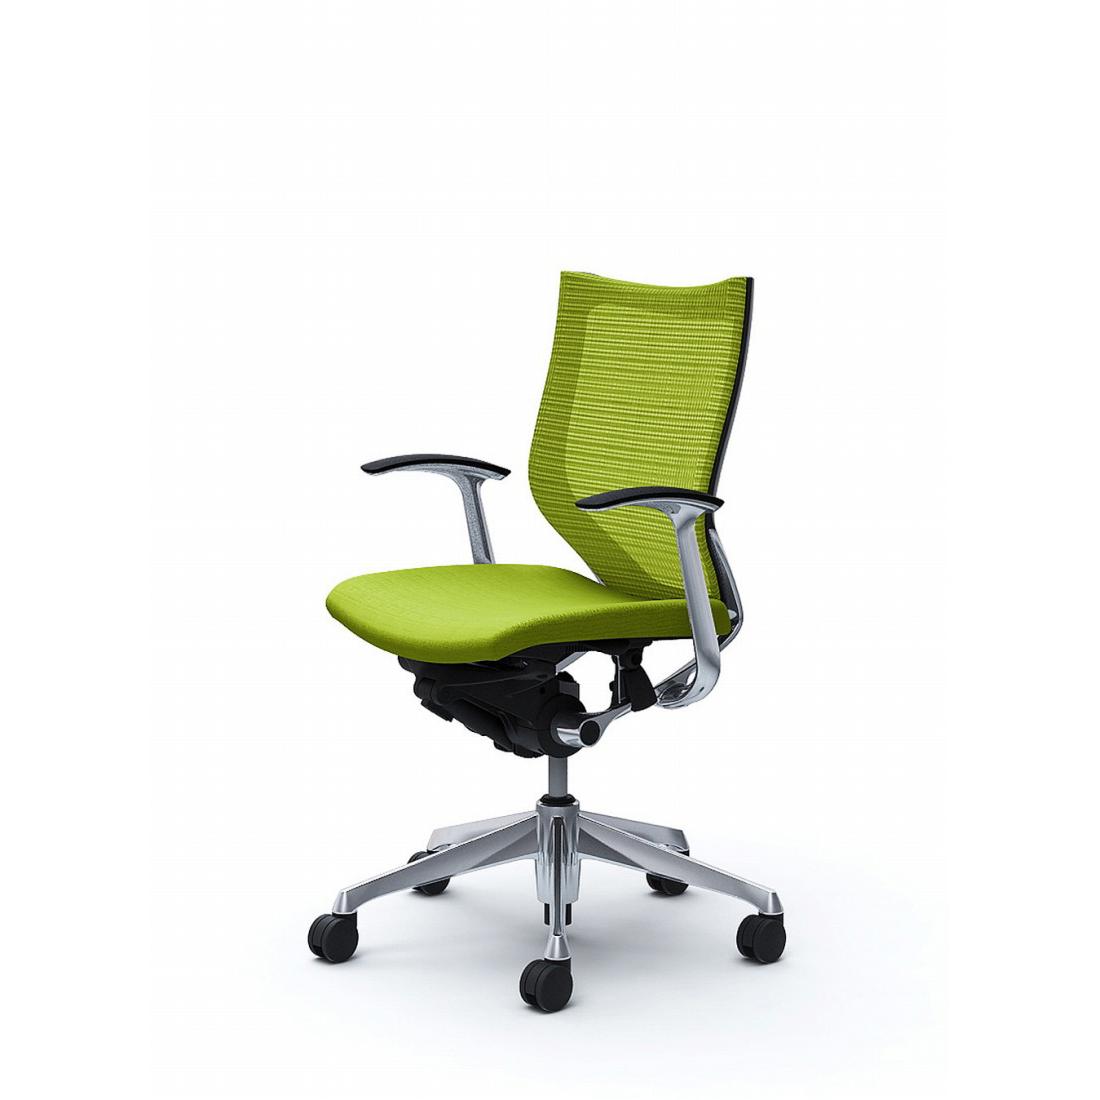 バロン バロンチェア CP43BR Baron【ローバック】ポリッシュフレーム クッションシート デザインアーム オフィスチェア オカムラ(代引き不可)【送料無料】